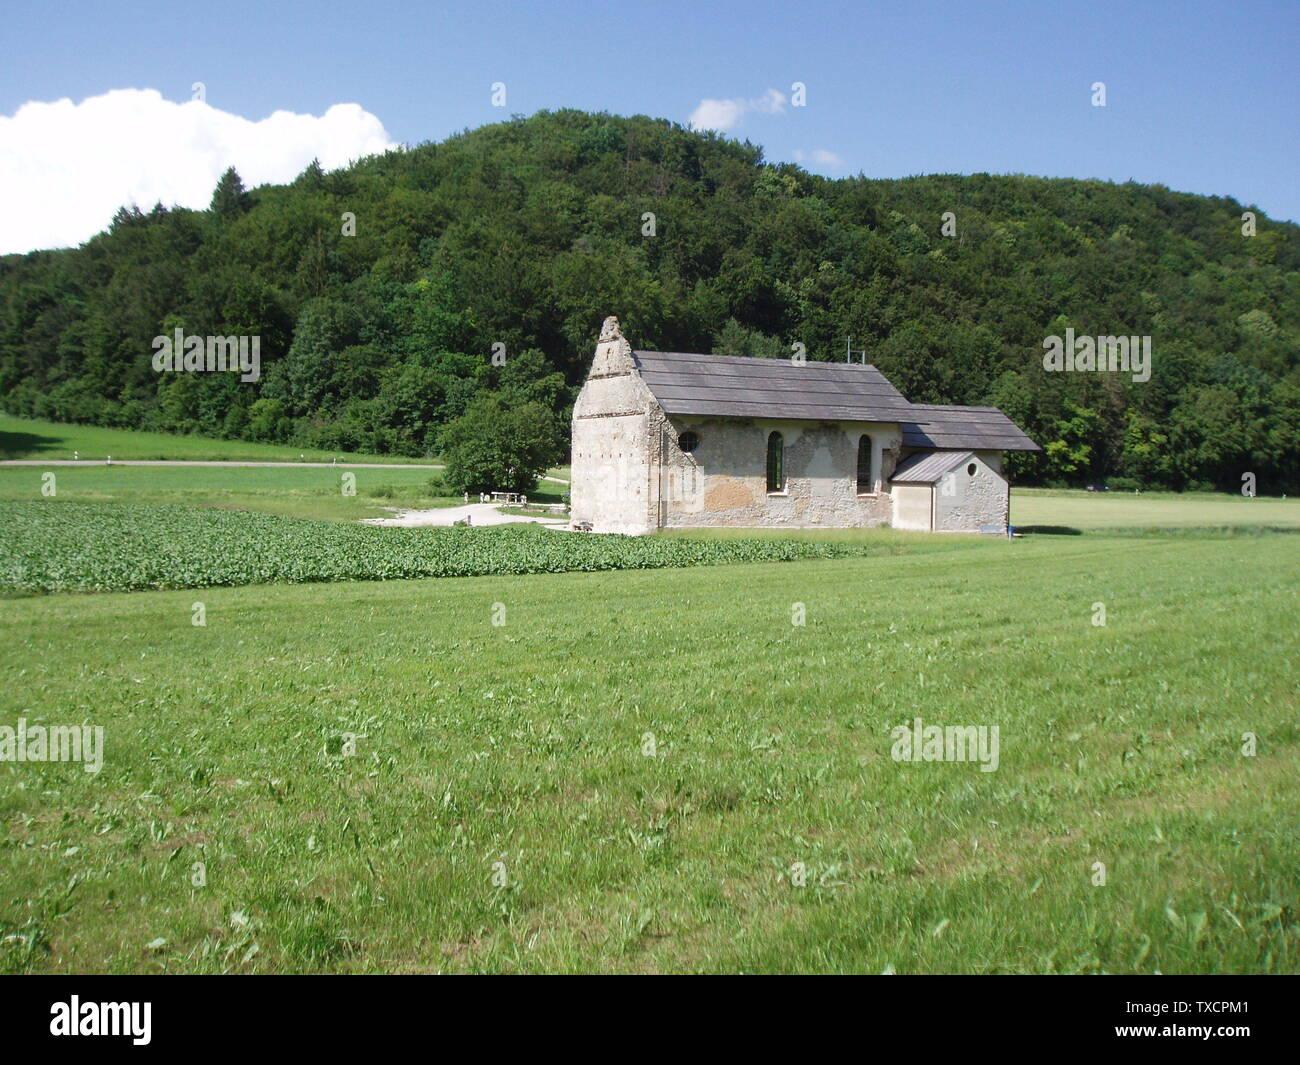 """""""Deutsch: Ruinenkirche Spindeltal, Lage aus südlicher Sicht; 16 June 2006; Self-photographed (Original text:  selbst fotografiert); KBWEi at German Wikipedia; """" Stock Photo"""